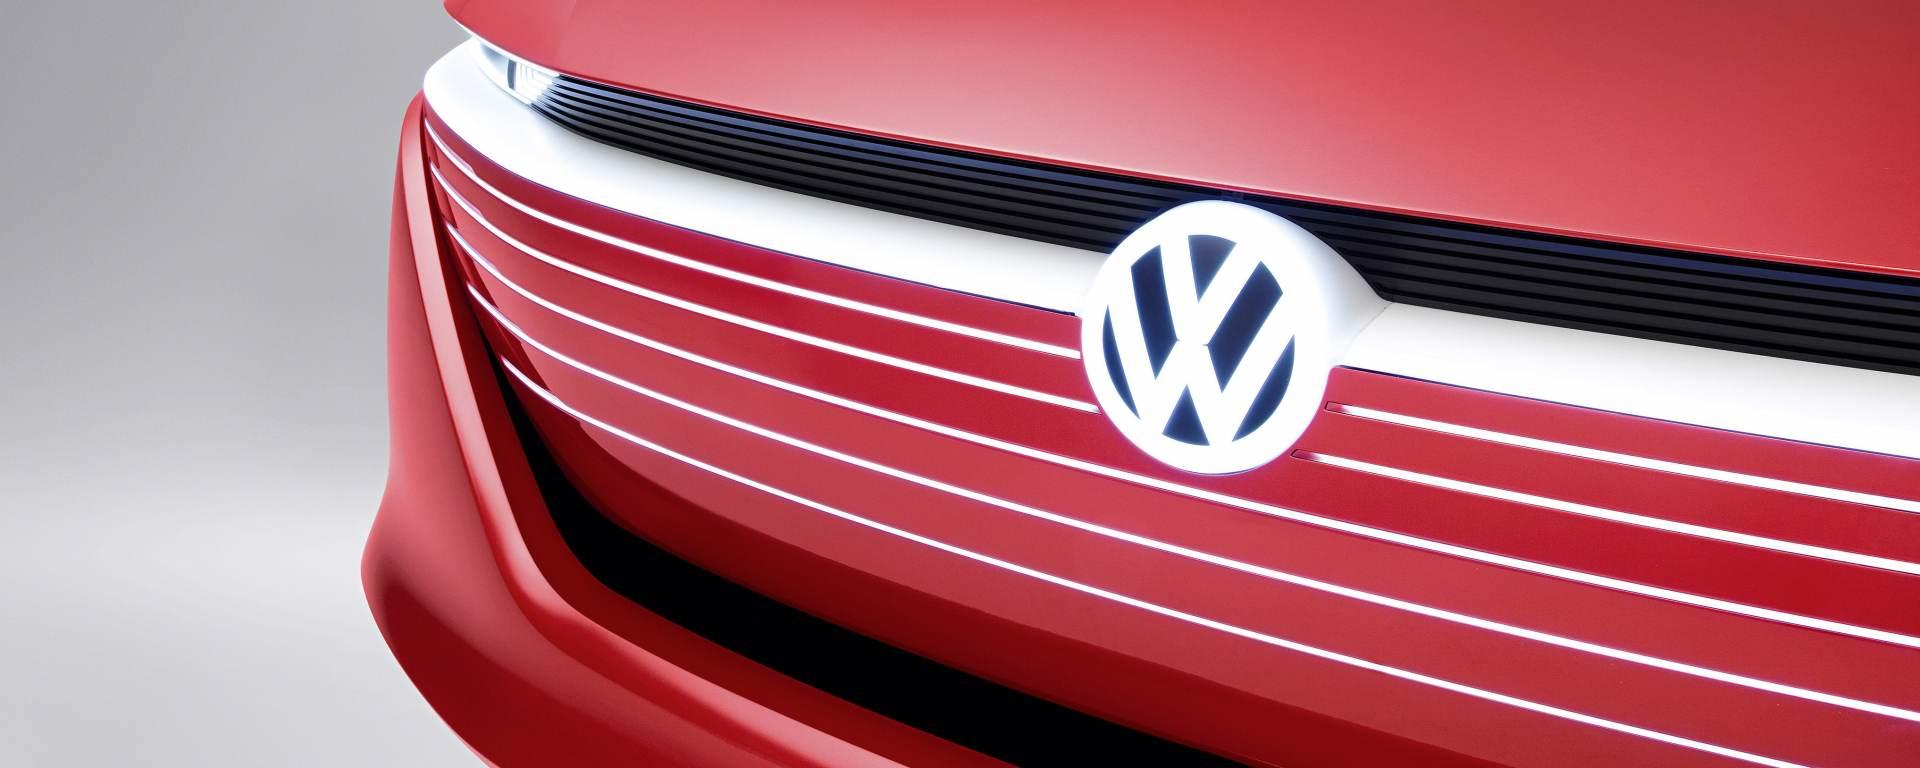 """Volkswagen è indagata negli States per il suo """"Voltswagen"""""""